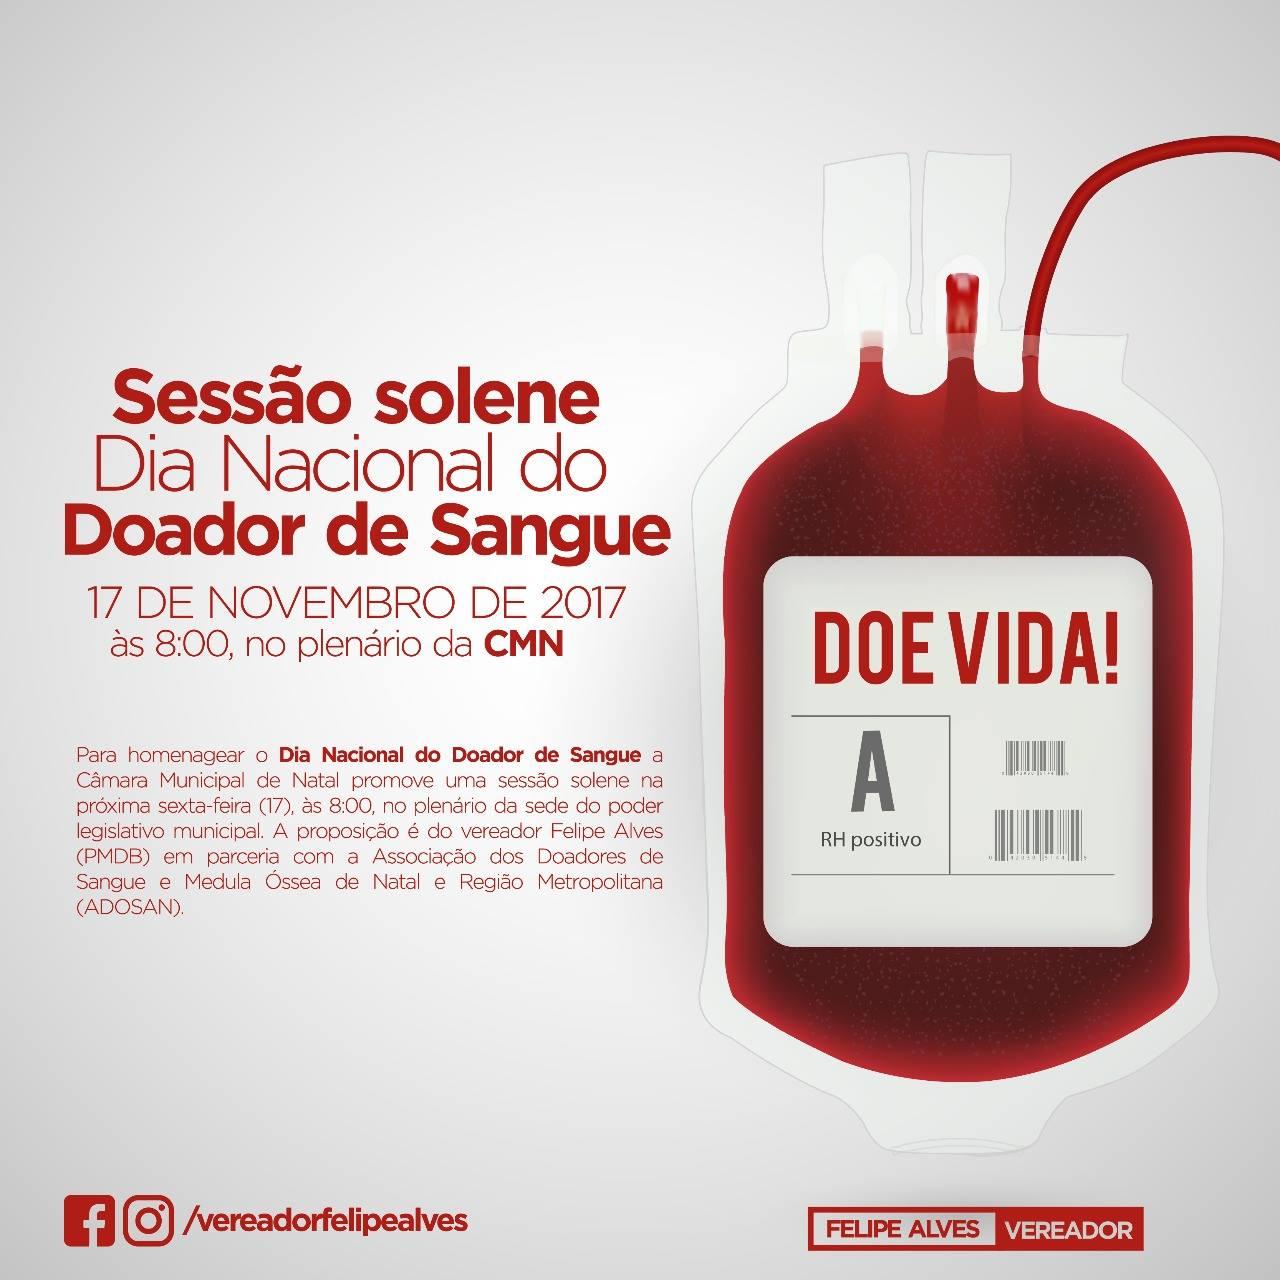 Convite_Sessão_Solene_Dia_Nacional_do_Doador_de_Sangue